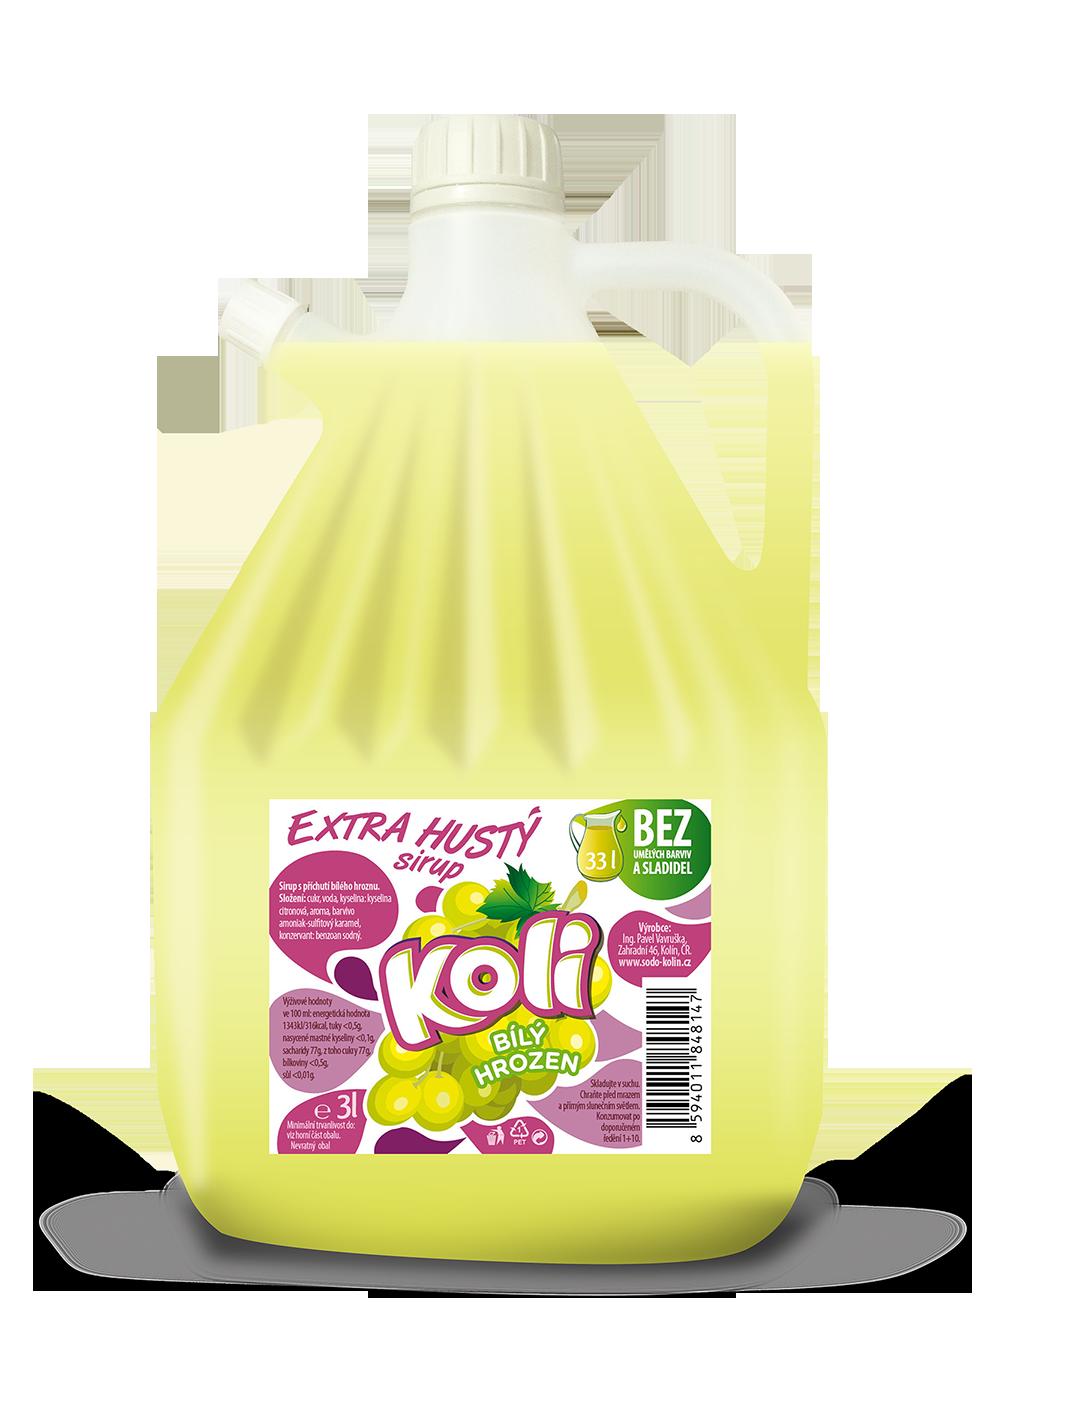 Koli sirup EXTRA hustý 3lt biele hrozno. Osvěžující limonáda s příchutí bílých hroznů. Sodovkárna Kolín